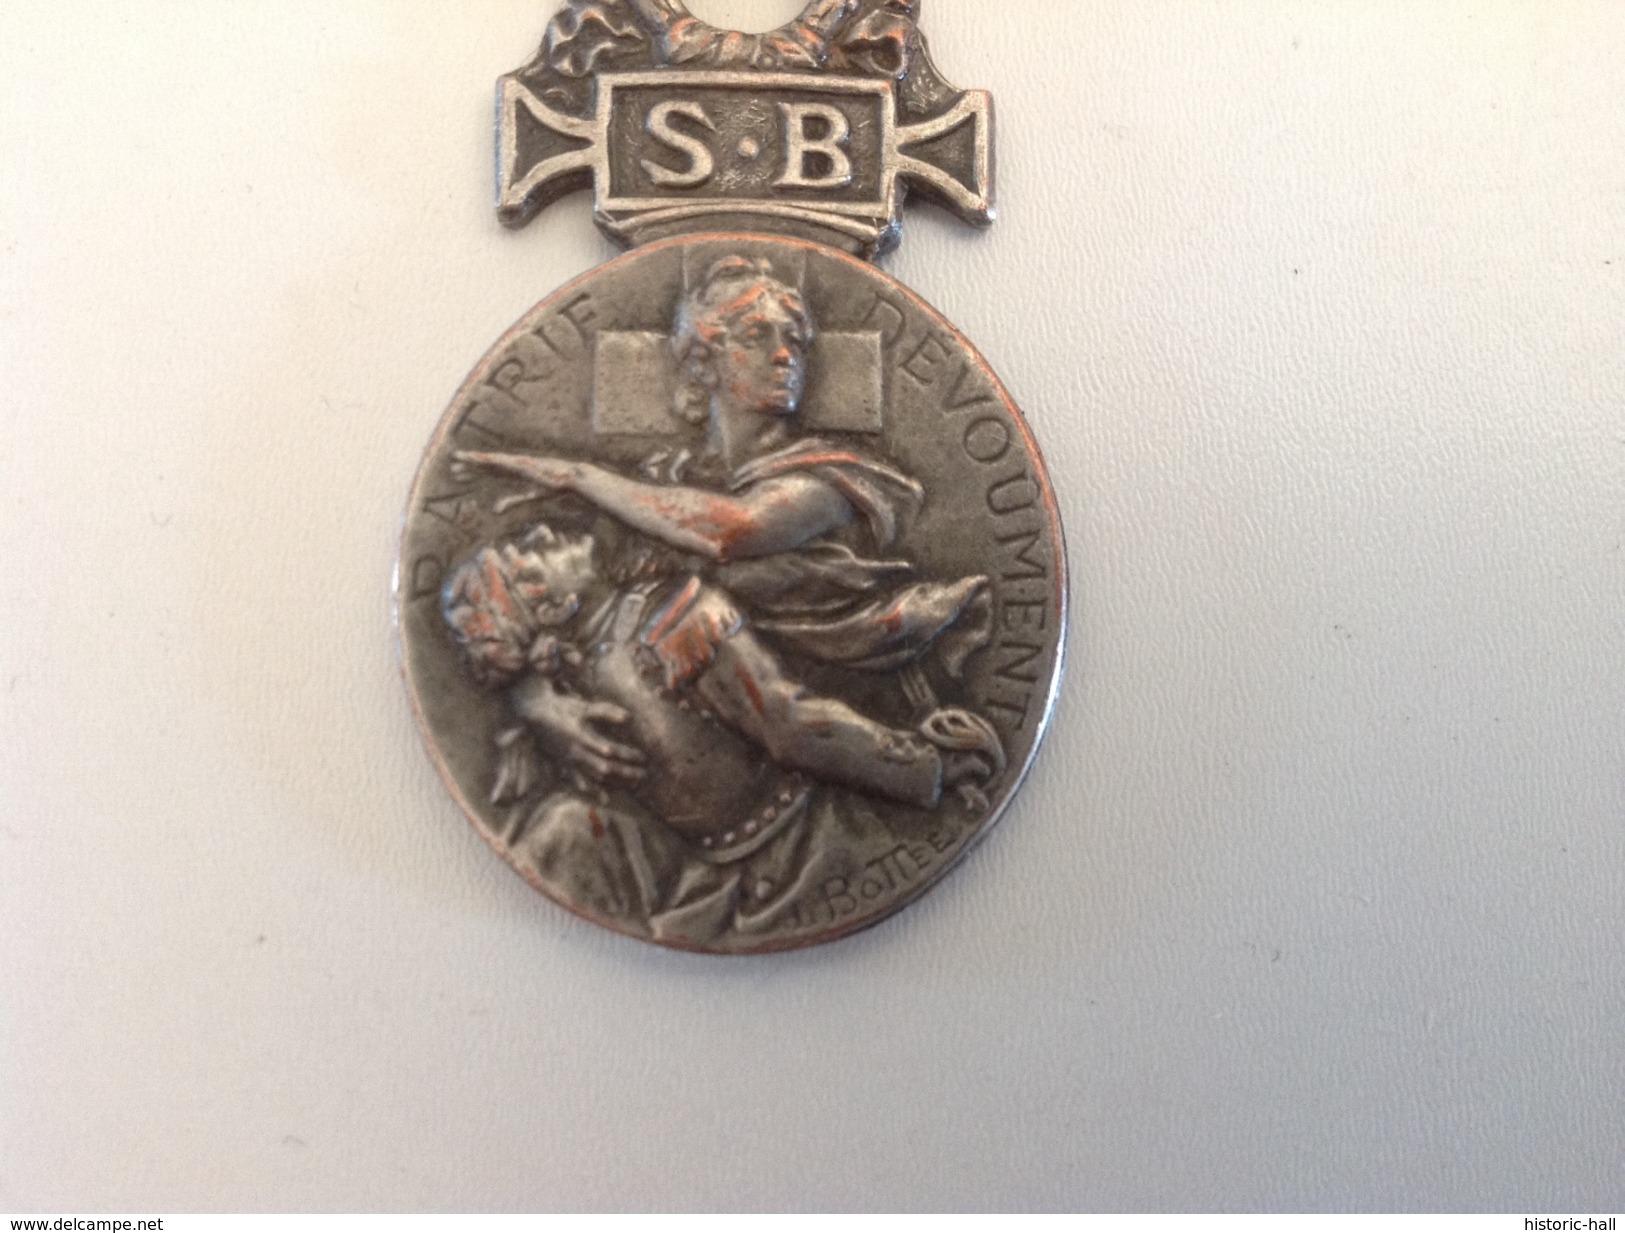 Medaille Société Française De Secours Aux Blessés Militaires 1864-1866 - Médailles & Décorations